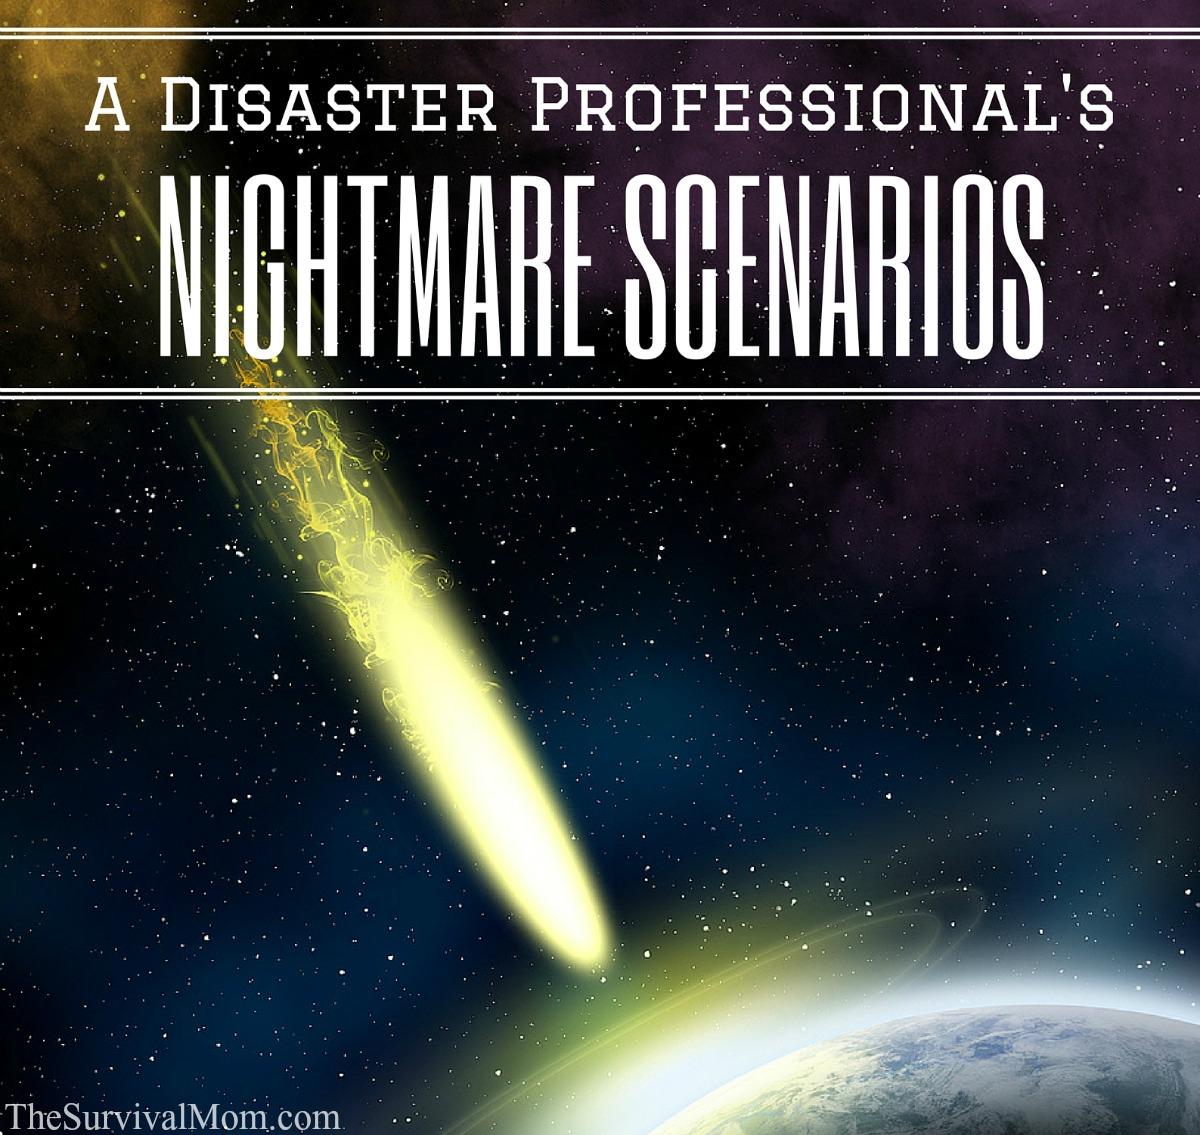 nightmare scenarios FB size